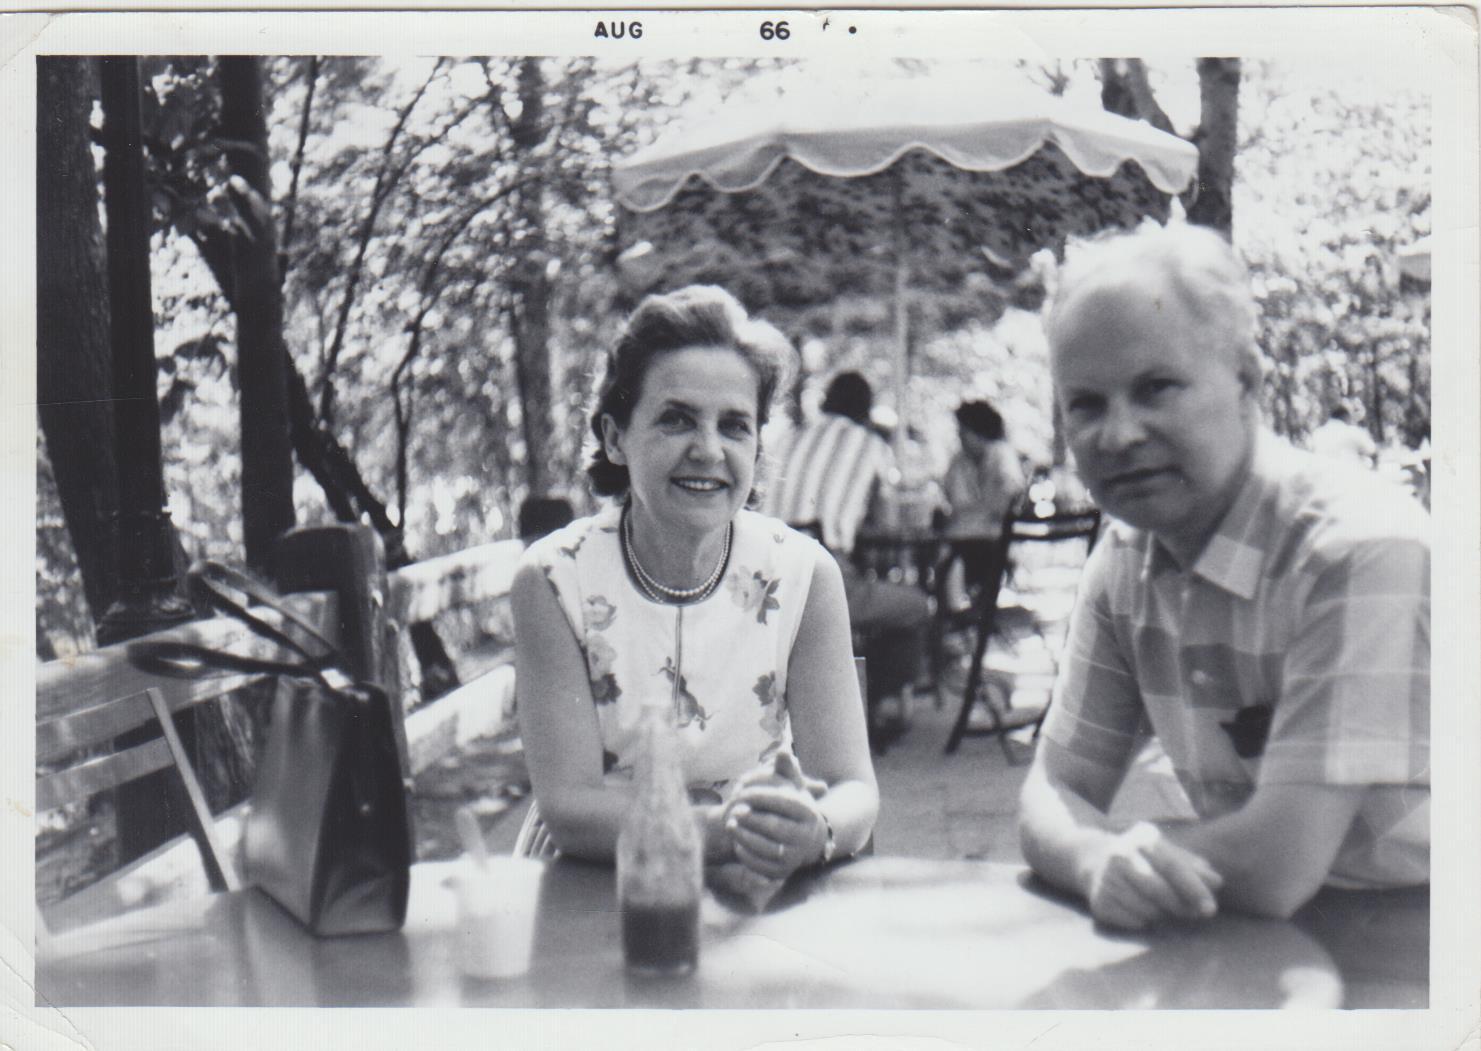 """Su žmona Matilda """"parke, kuris yra netoli mūsų"""". Niujorkas. 1966 m."""